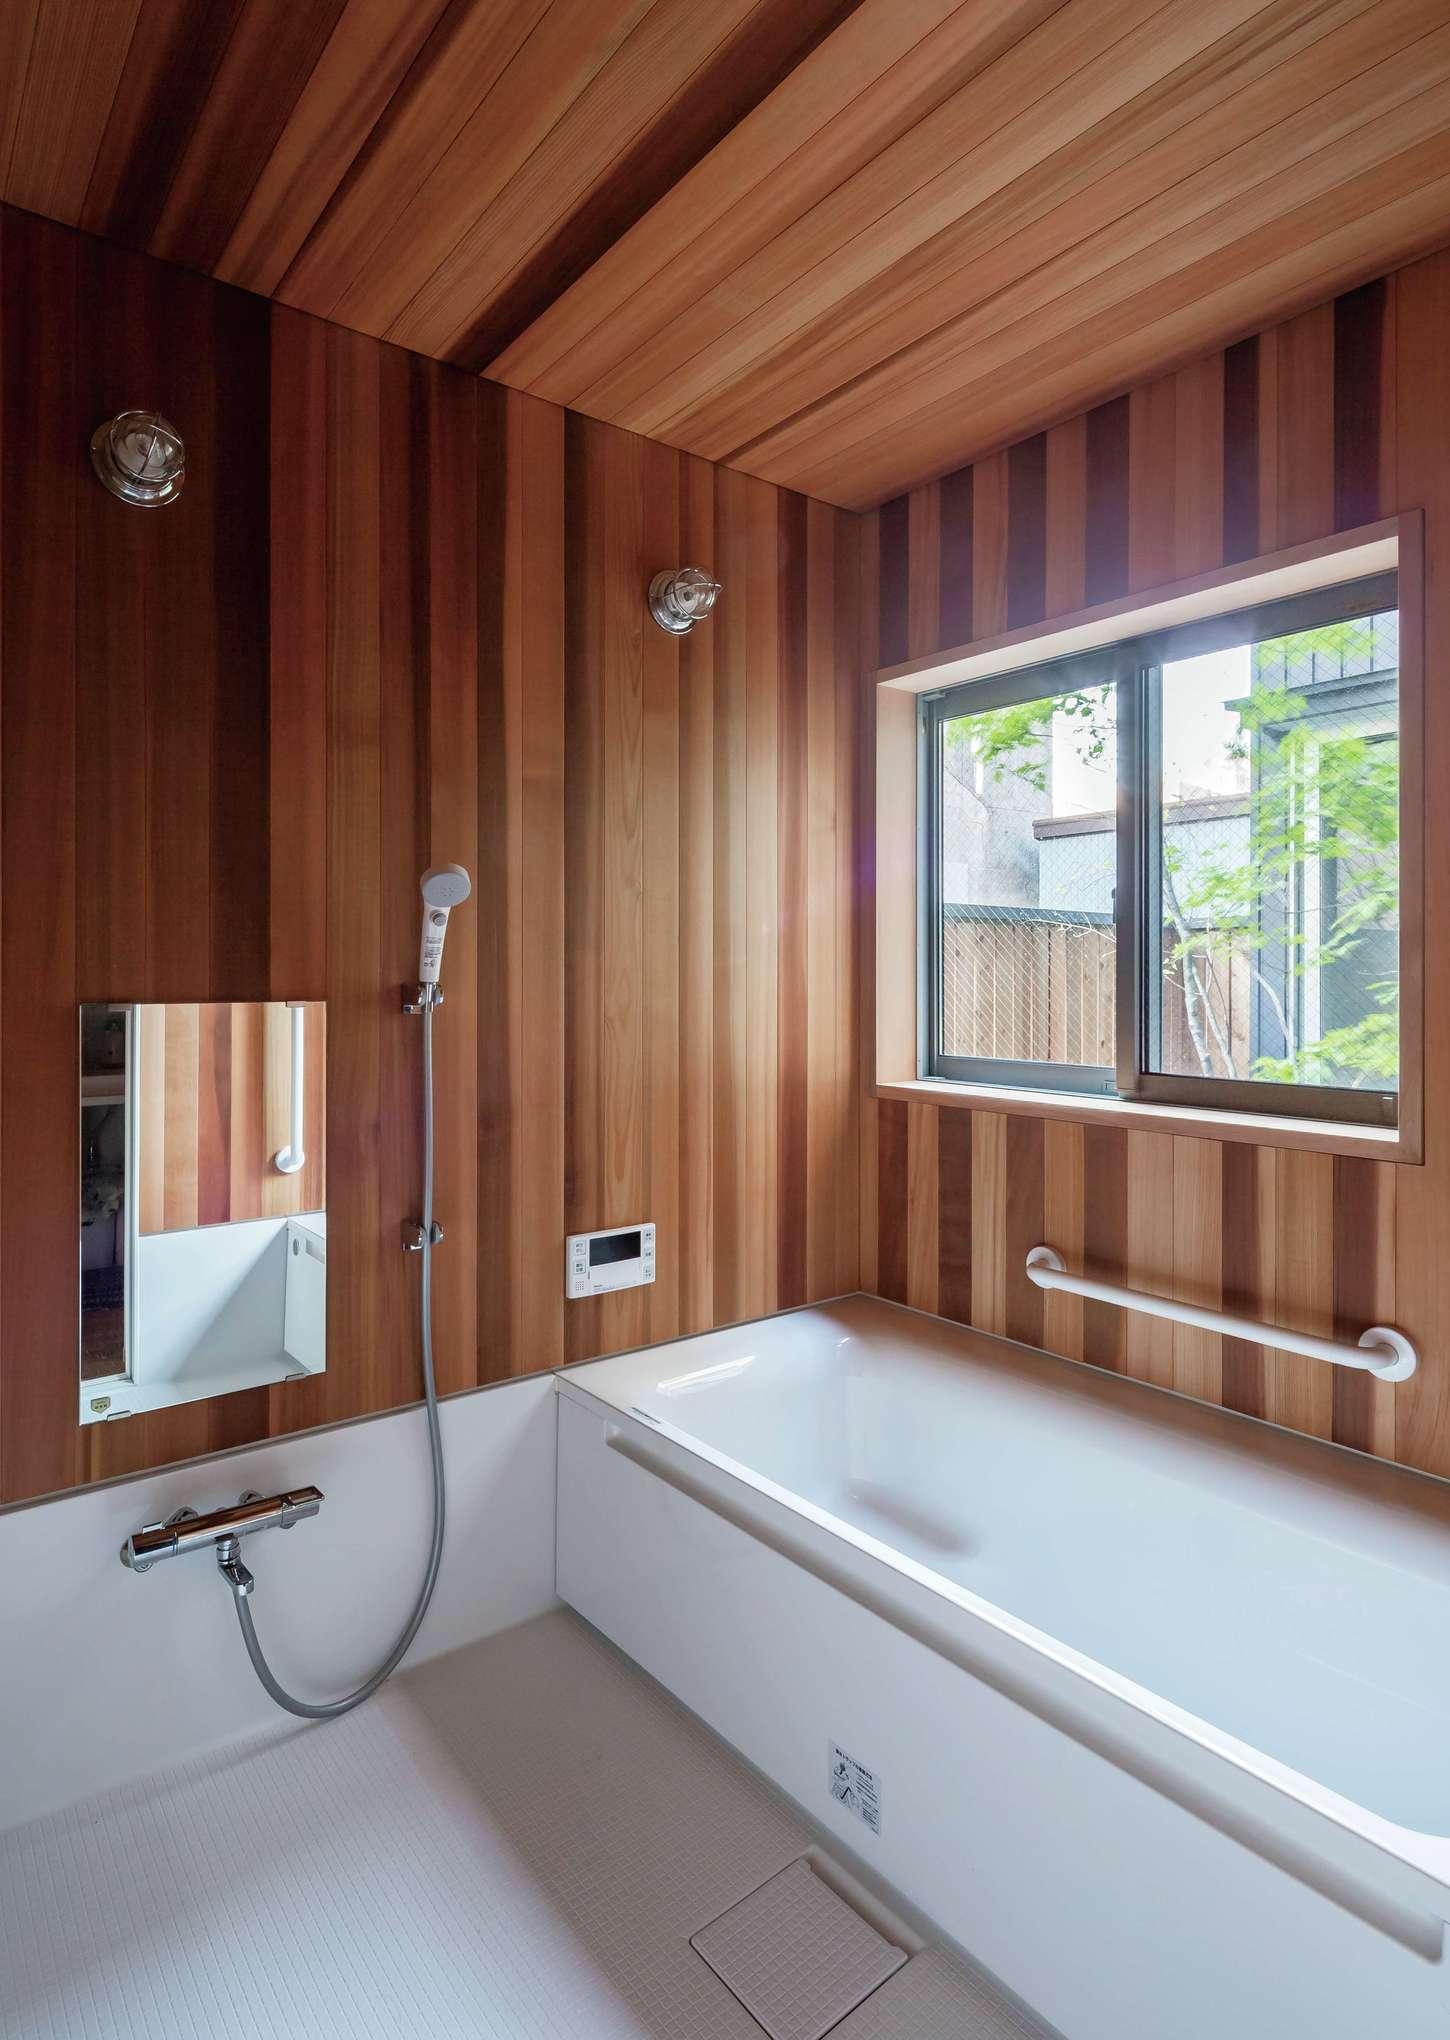 坪庭を眺めながら贅沢なバスタイムを楽しめる、ヒノキづくりの浴室